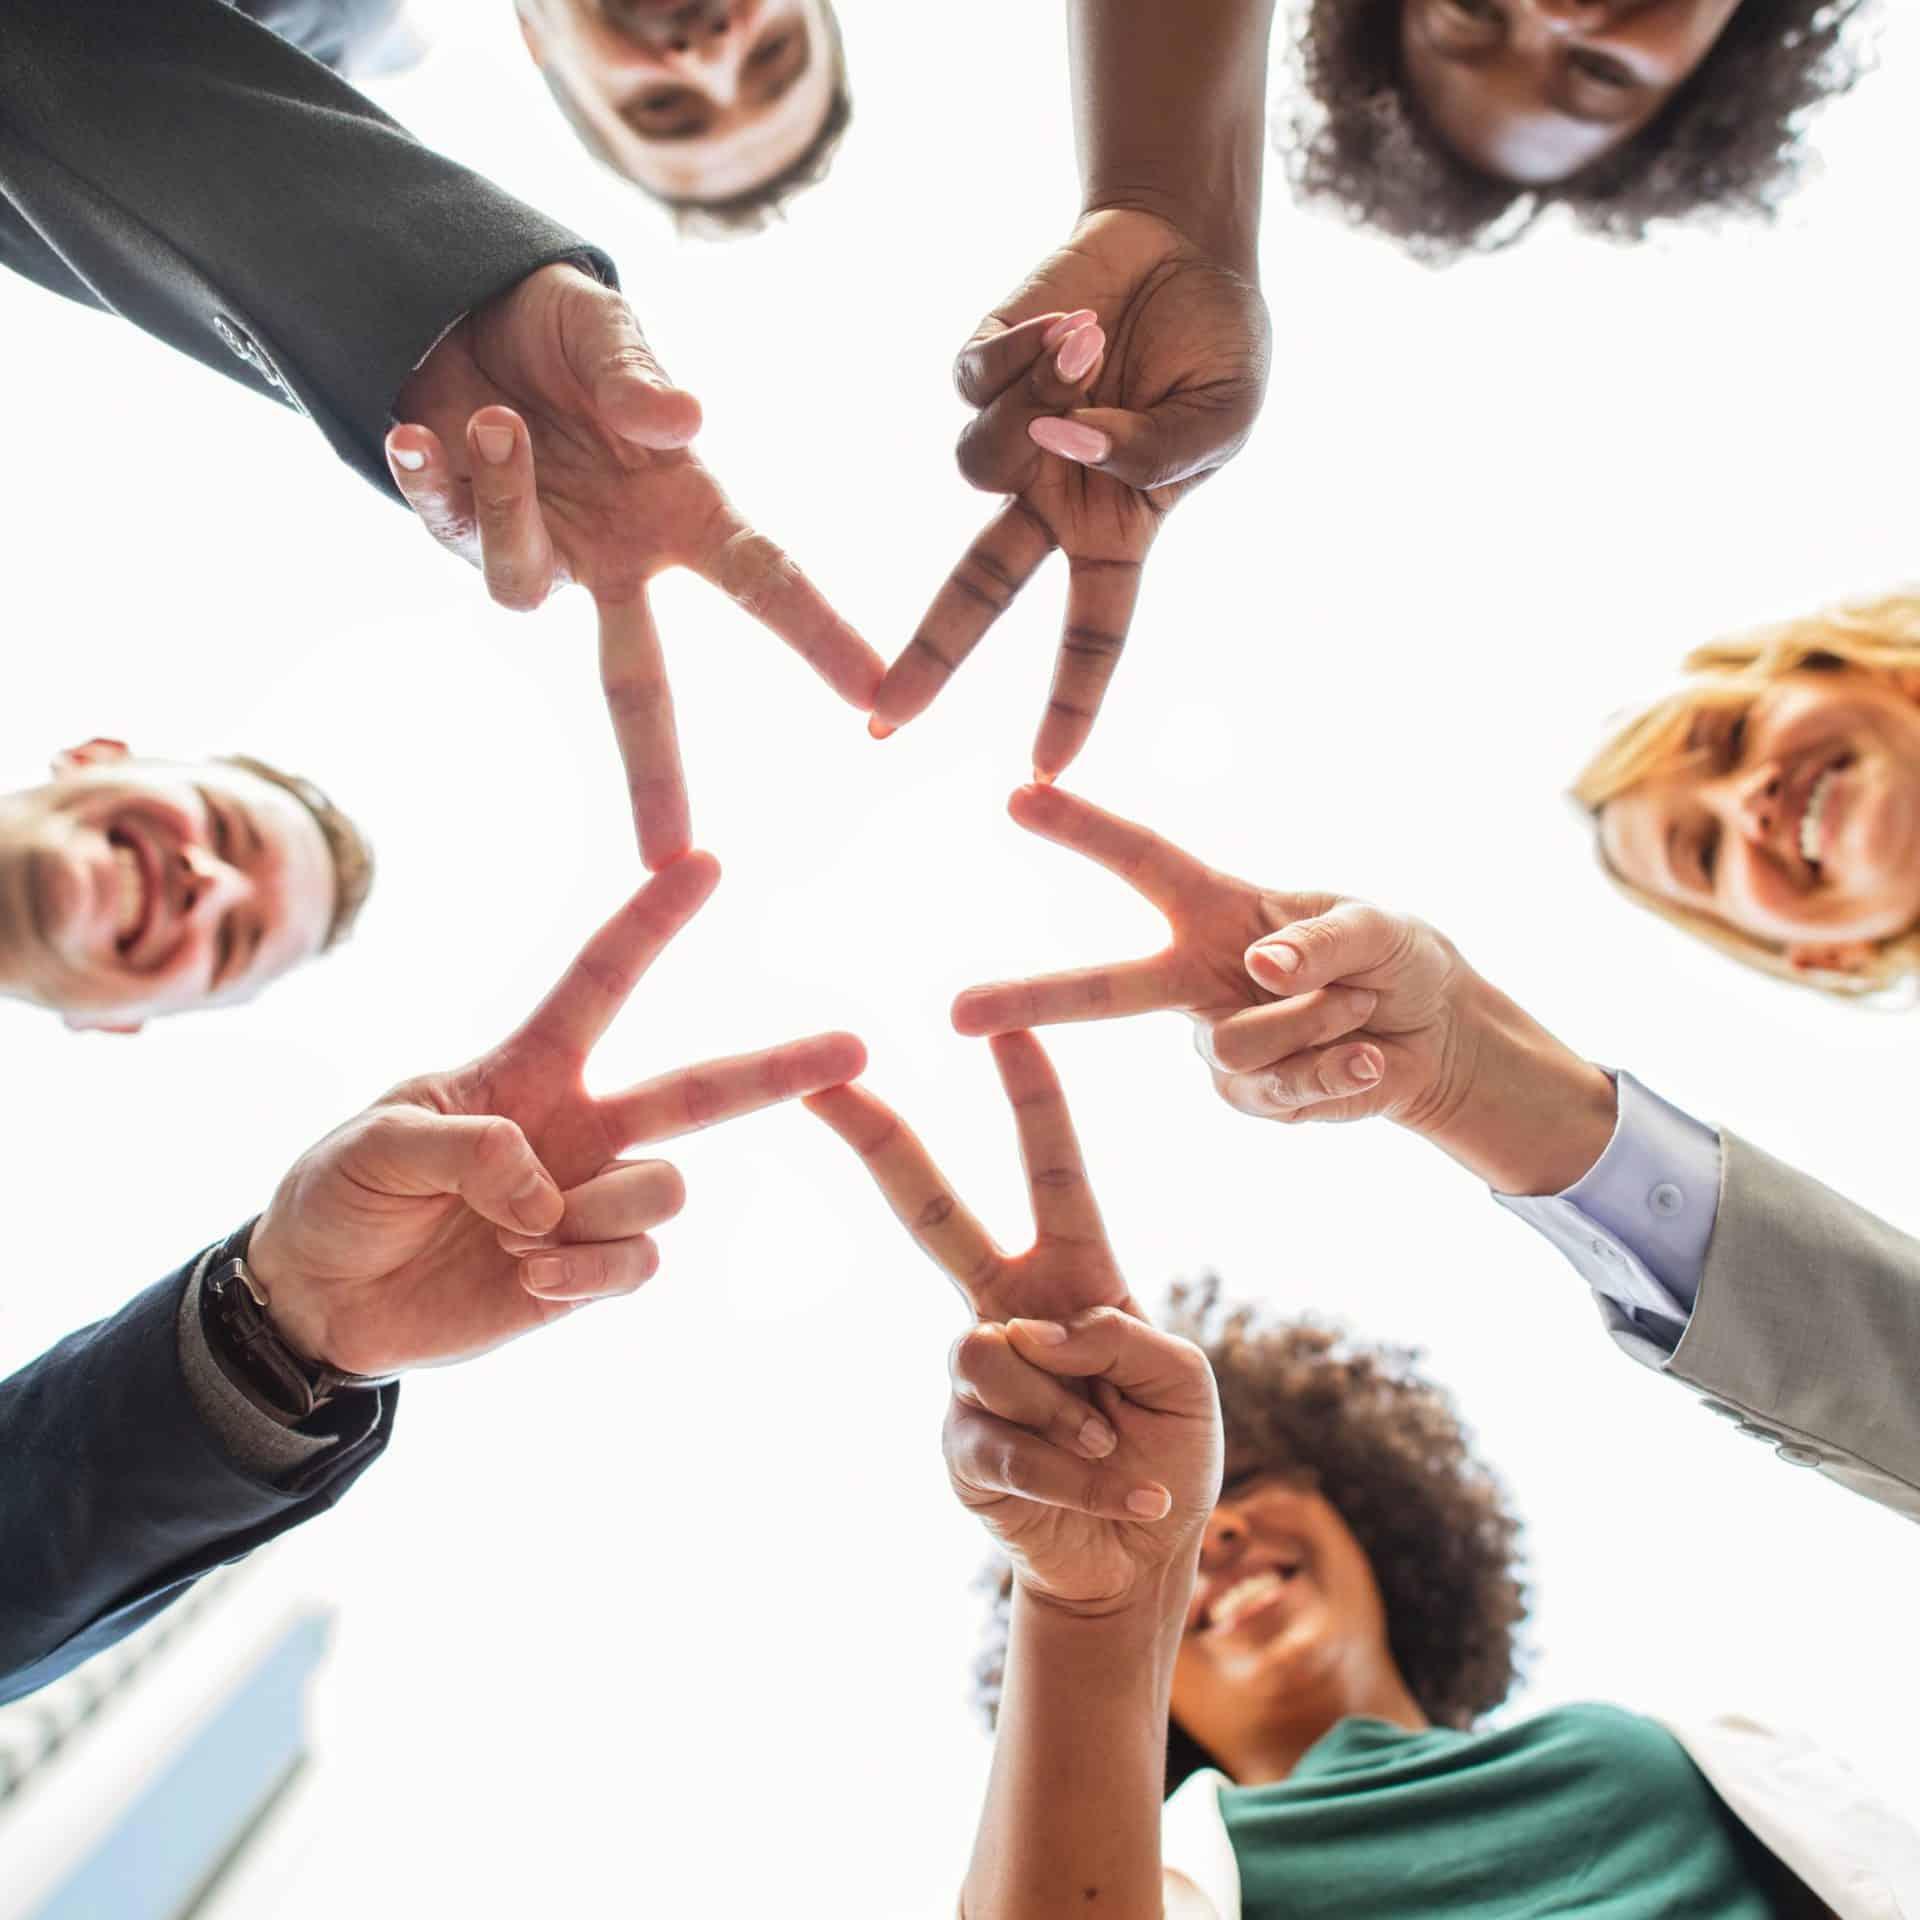 Die interkulturelle Struktur spiritueller Erfahrung